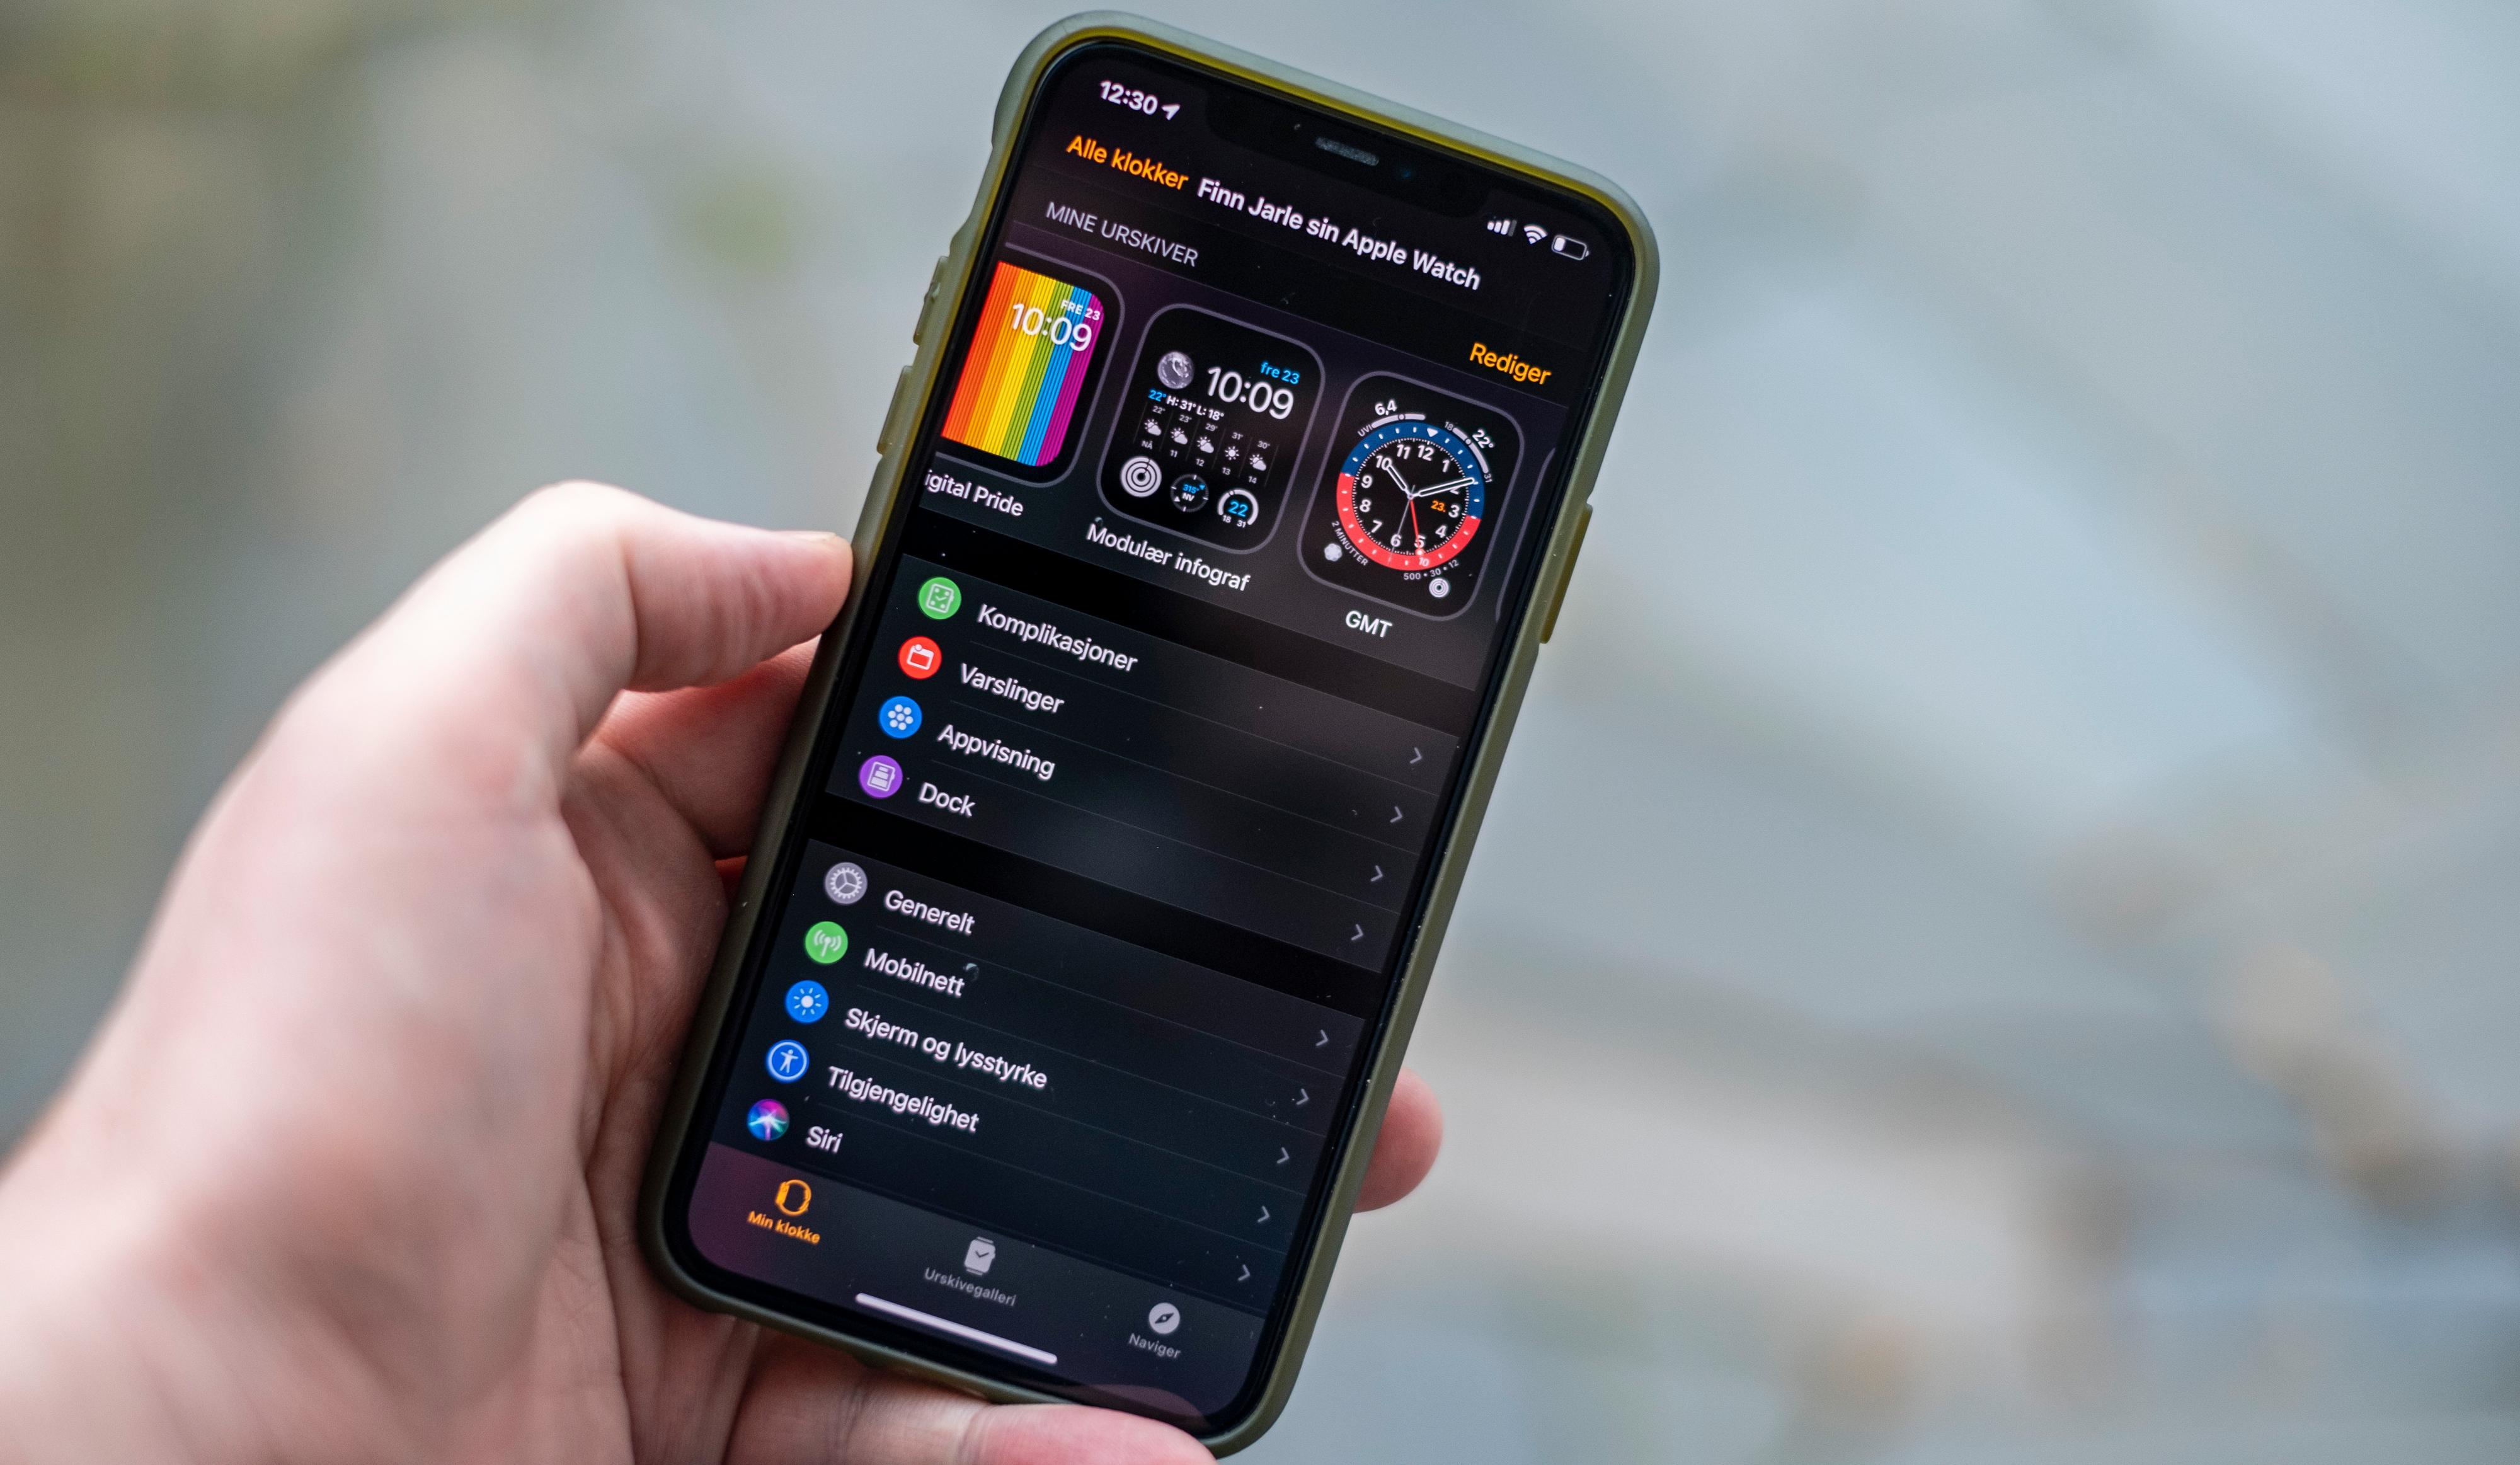 Mobilappen til Apple Watch er blant de større irritasjomomentene ved å bruke epleklokka. Her ligger innstillinger hulter til bulter, og mange av egenskapene Apple markedsfører hele produktet på må skrus på i sine egne halvt gjemte menyer. I tillegg er oppdatering et prosjekt som ofte feiler. Her har flere av konkurrentene langt bedre løsninger.